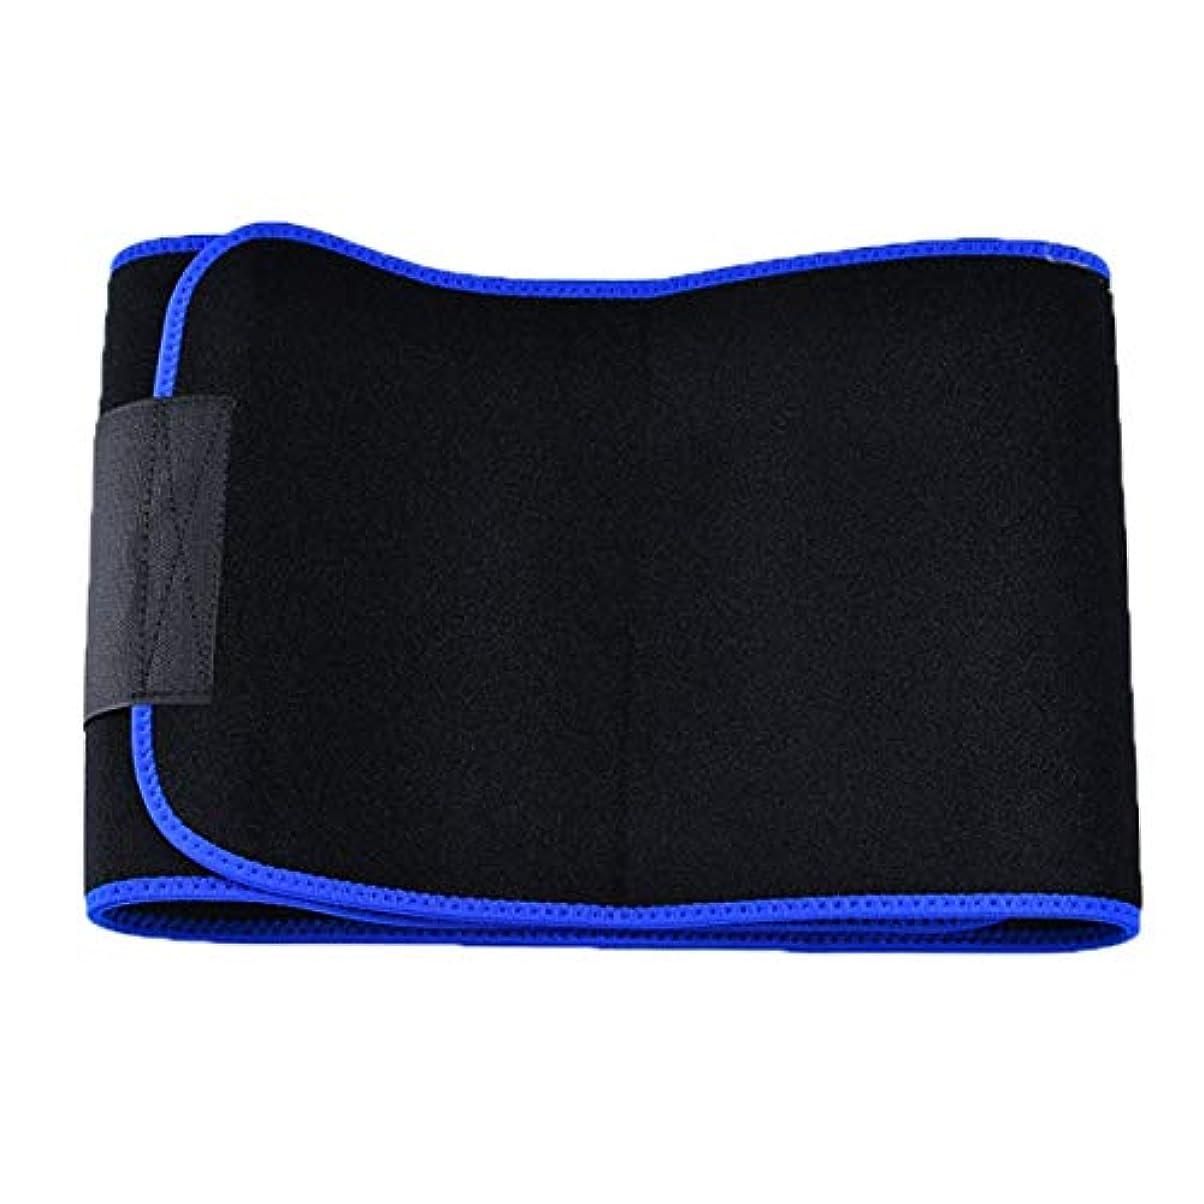 反対する十二より多い腹部プラスチックベルトウエストサポートボディシェイパートレーニングコルセット痩身ウエストベルトスリム汗スポーツ保護具